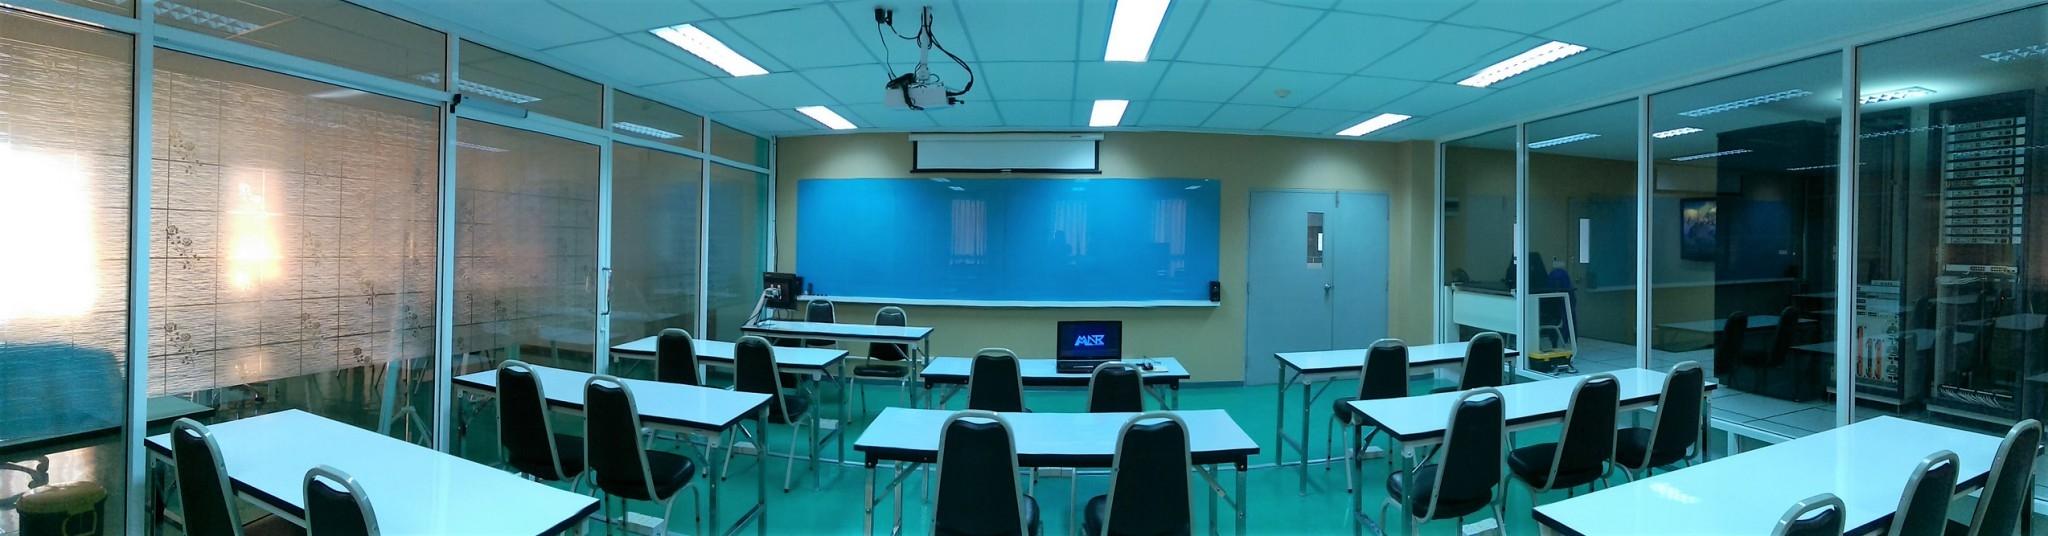 ศูนย์วิจัยและปฏิบัติการด้านเครือข่าย